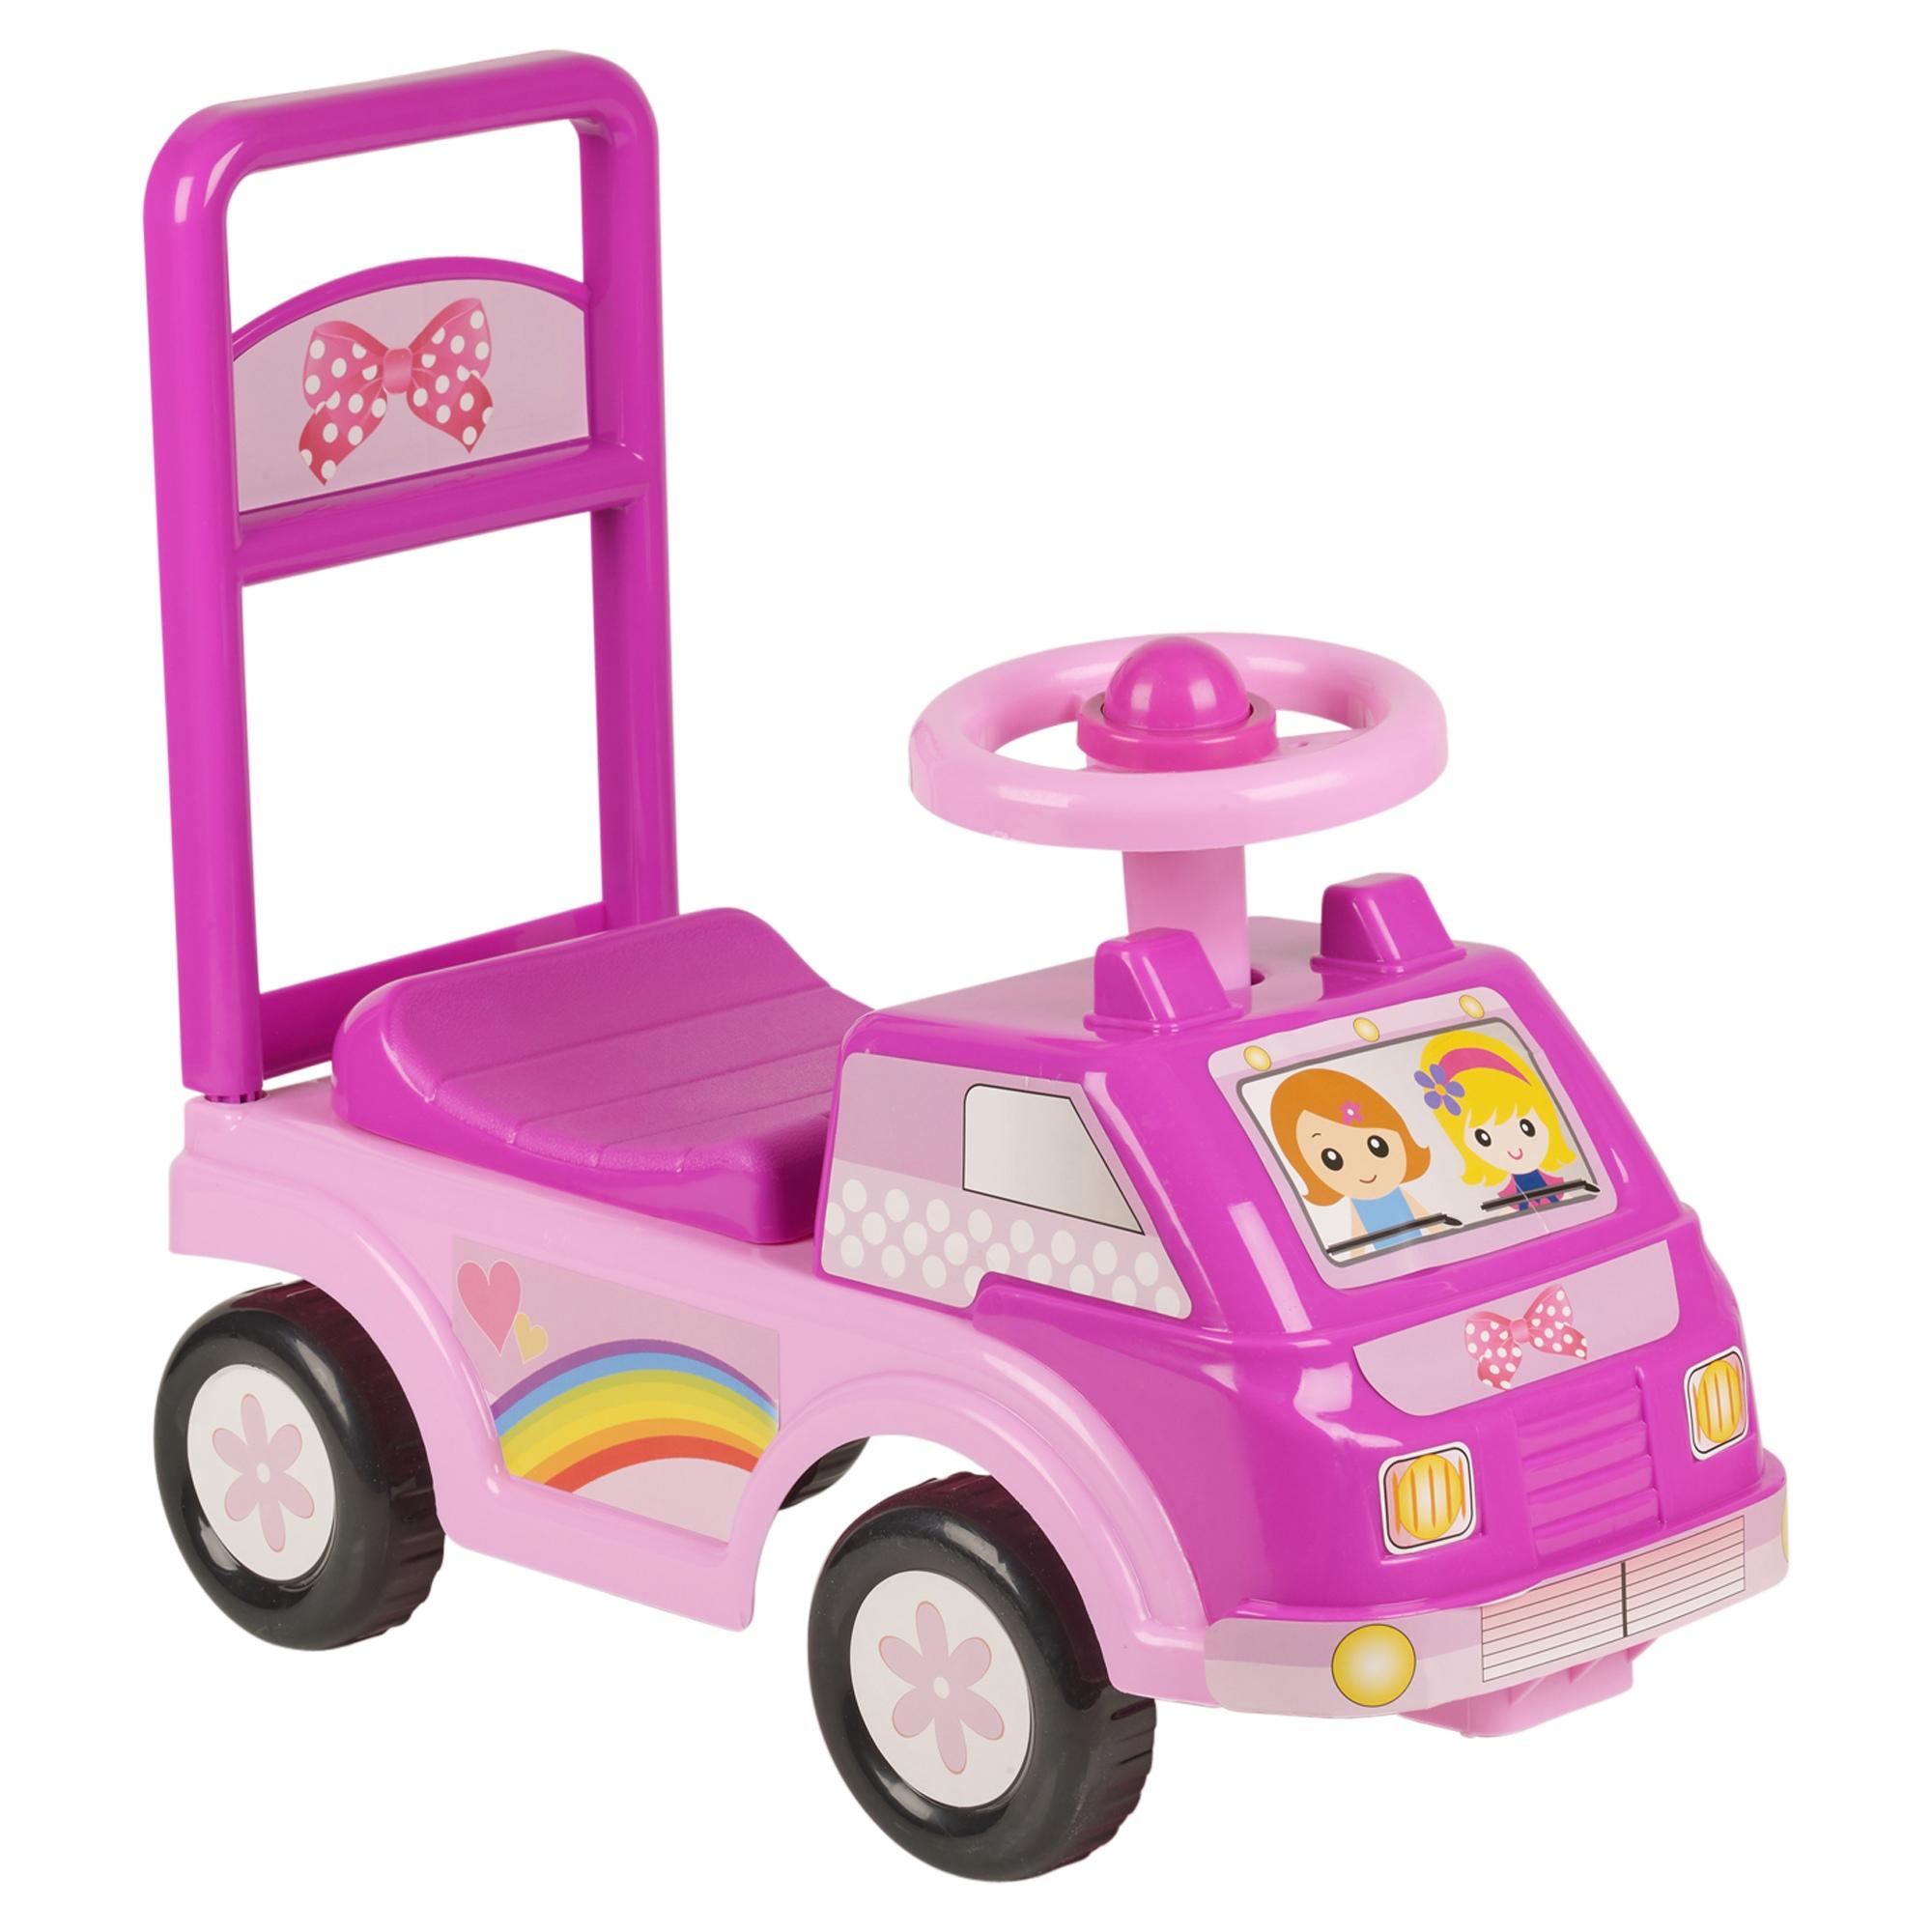 kleinkinder walking car kinder spielzeug zum fahren jungen. Black Bedroom Furniture Sets. Home Design Ideas